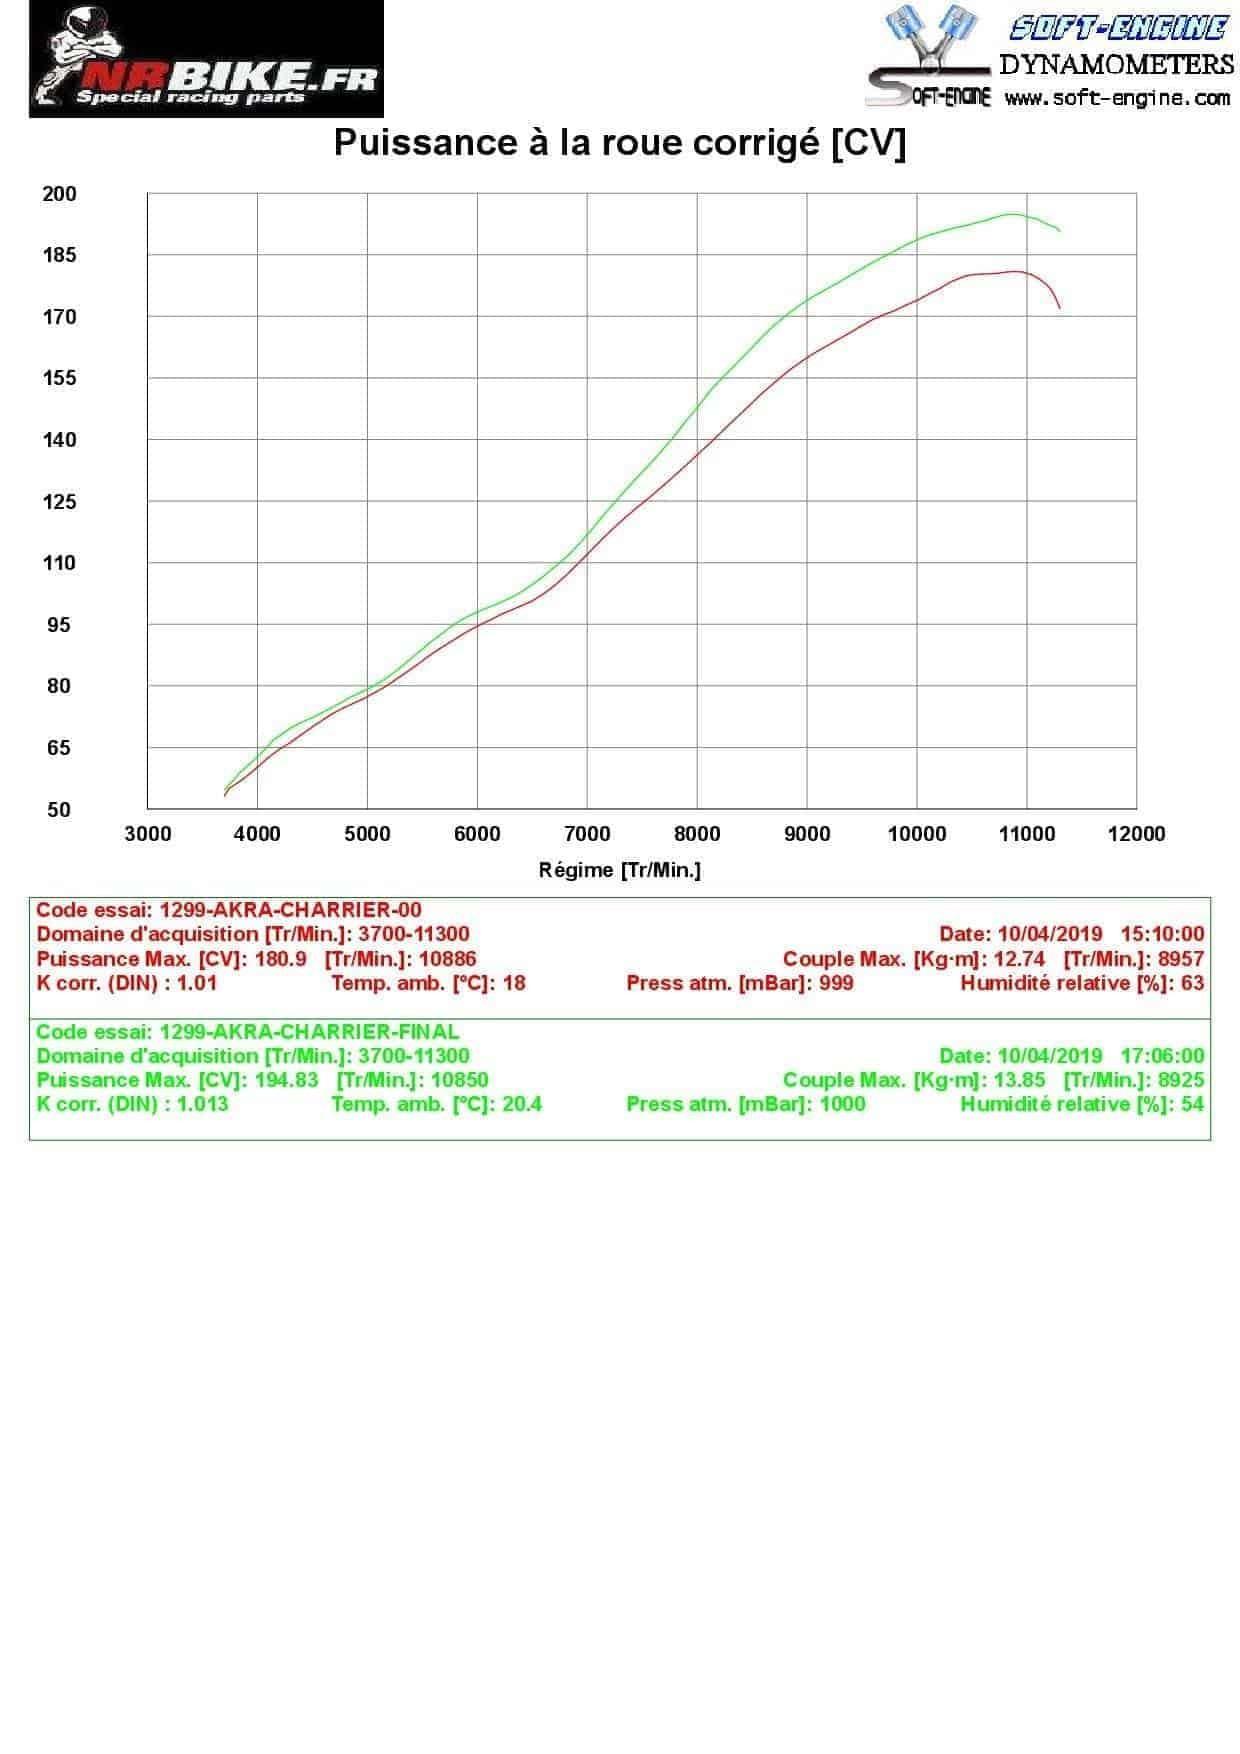 comparaison map ducati perf / map nrbike - ligne akrapovic + filtre bmc